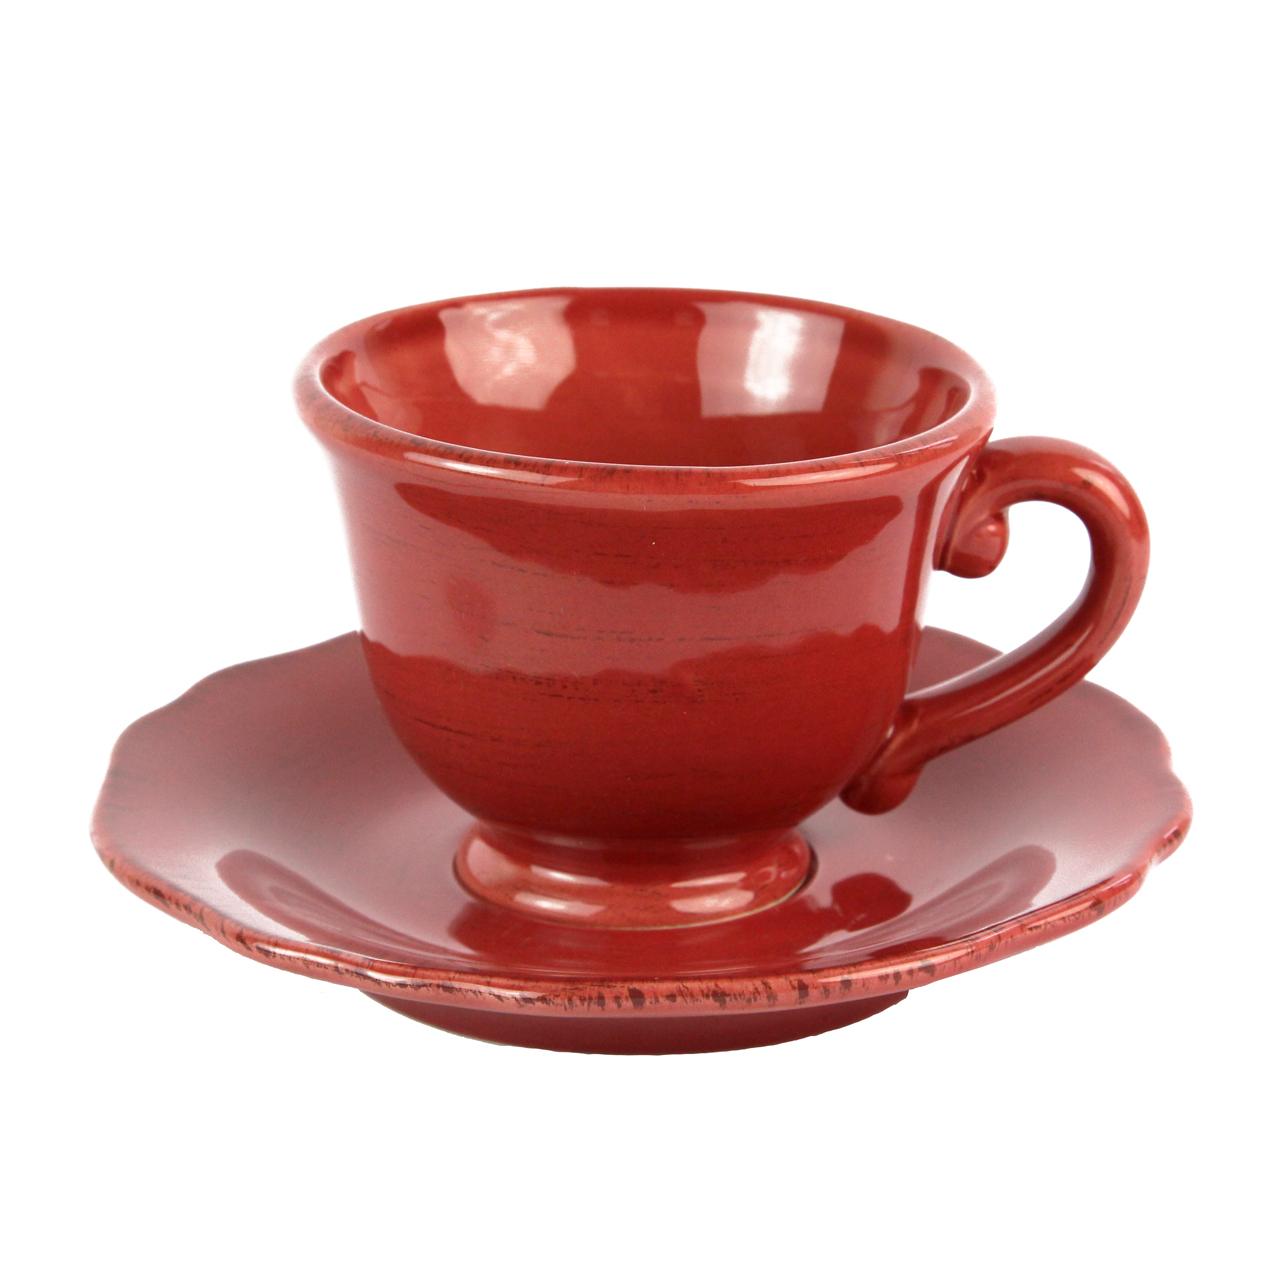 Ceasca Cu Farfurie Din Ceramica Visinie